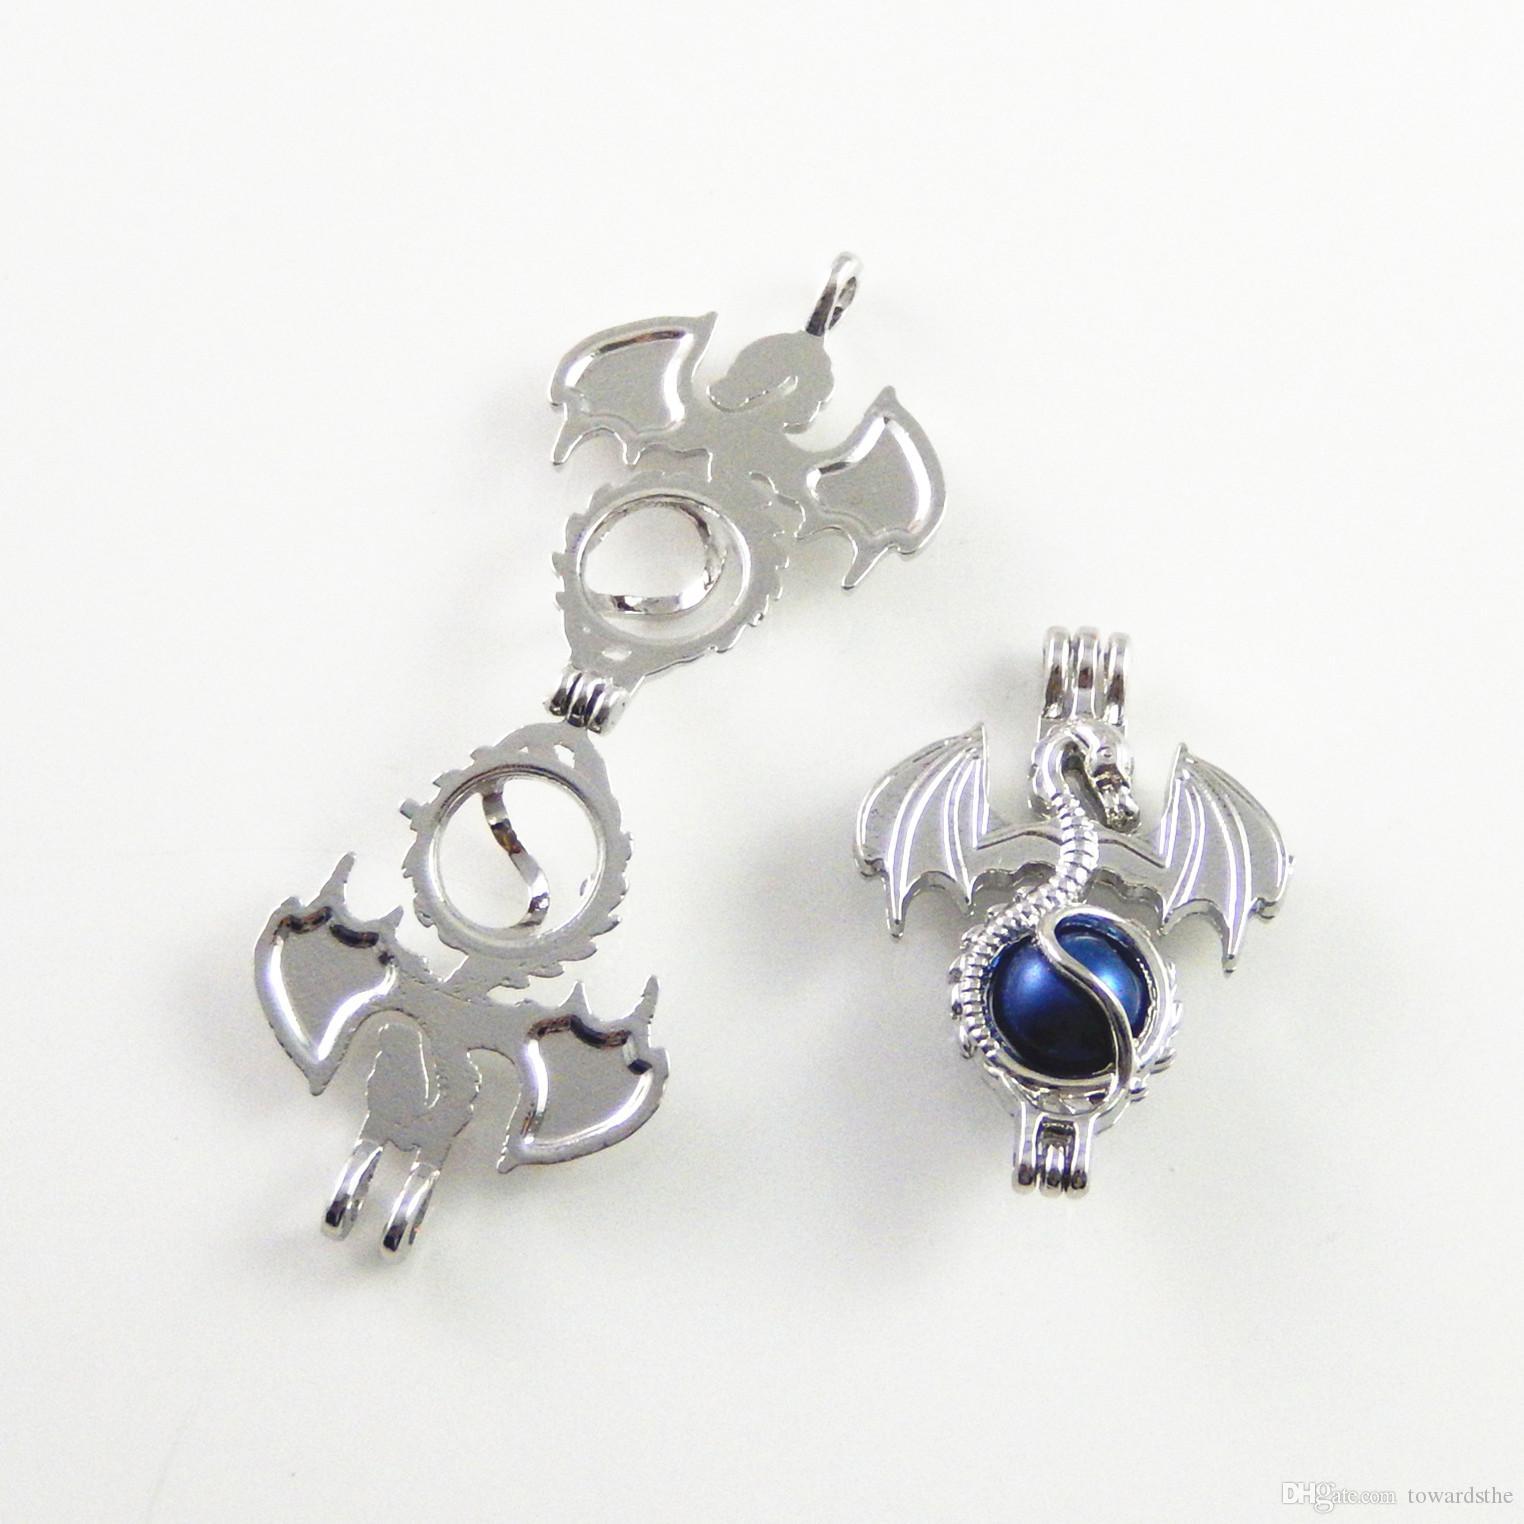 Collar de perlas con colgante, difusor de aceites esenciales, el dragón proporciona 10 piezas plateadas, más su propia perla, la piedra la hace más atractiva